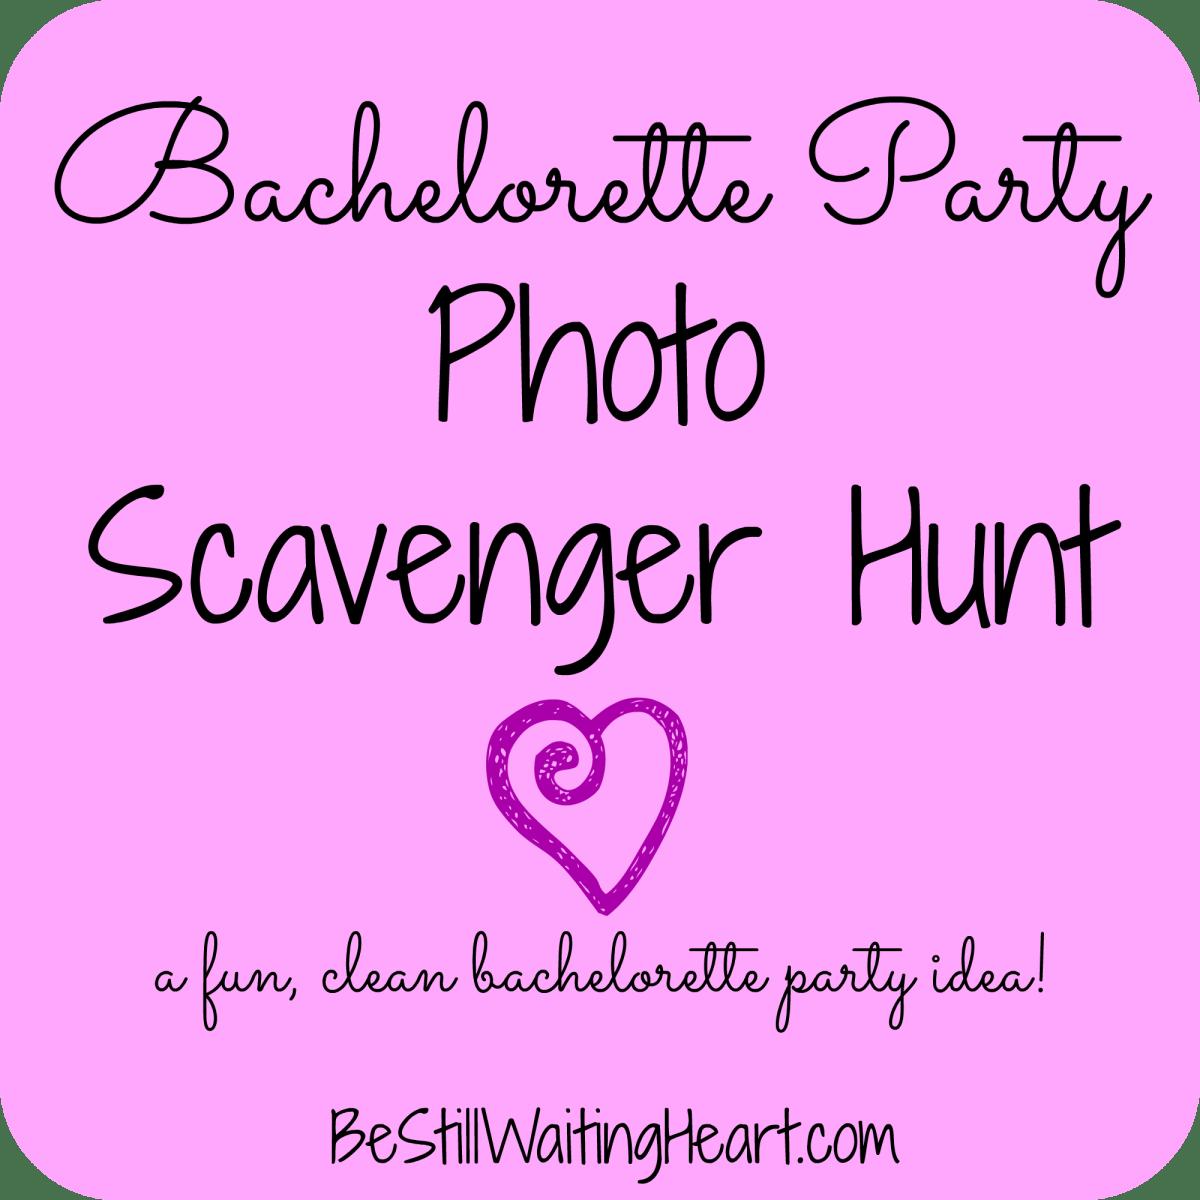 Bachelorette Party Photo Scavenger Hunt